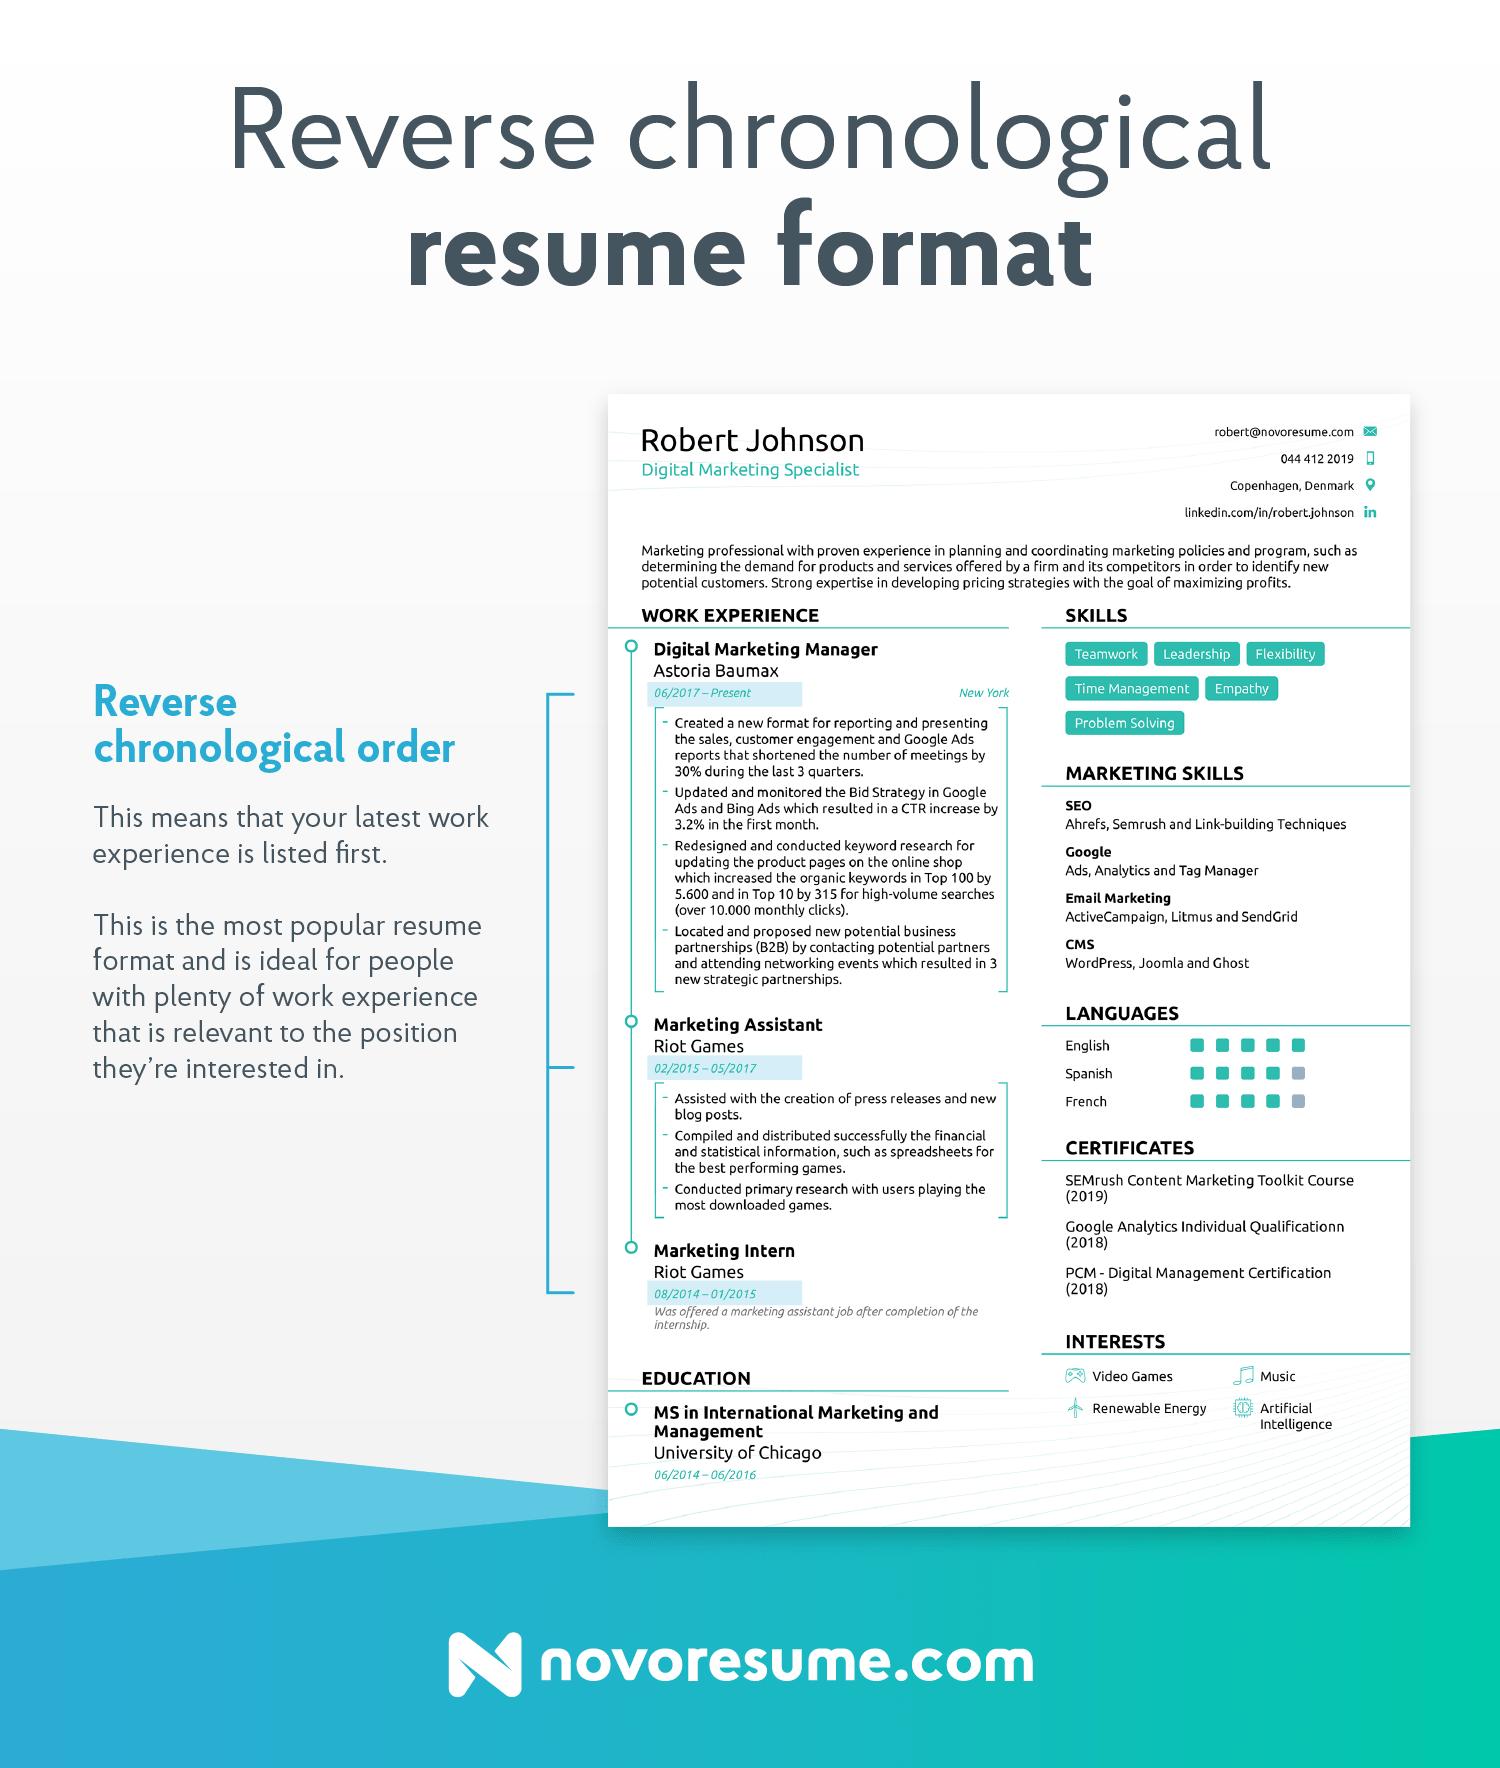 reverse chronological format java developer